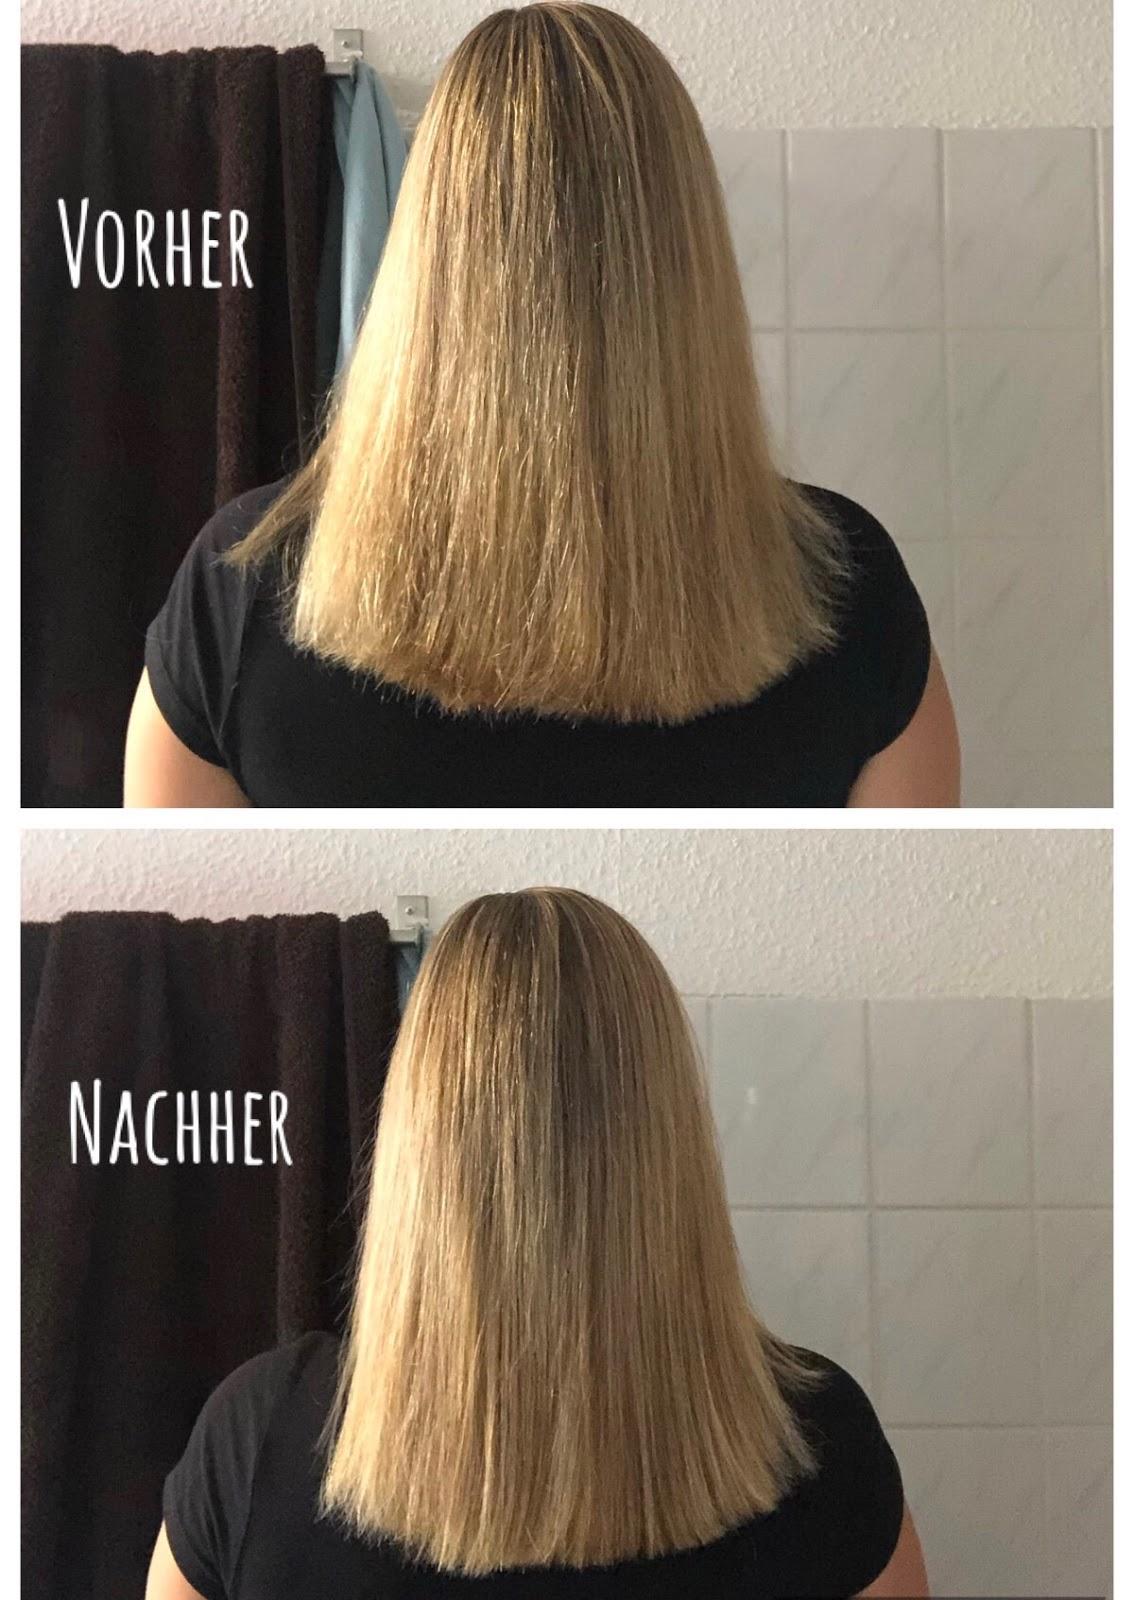 Für dunkle haare aufhellungsshampoo Dunkles Haar